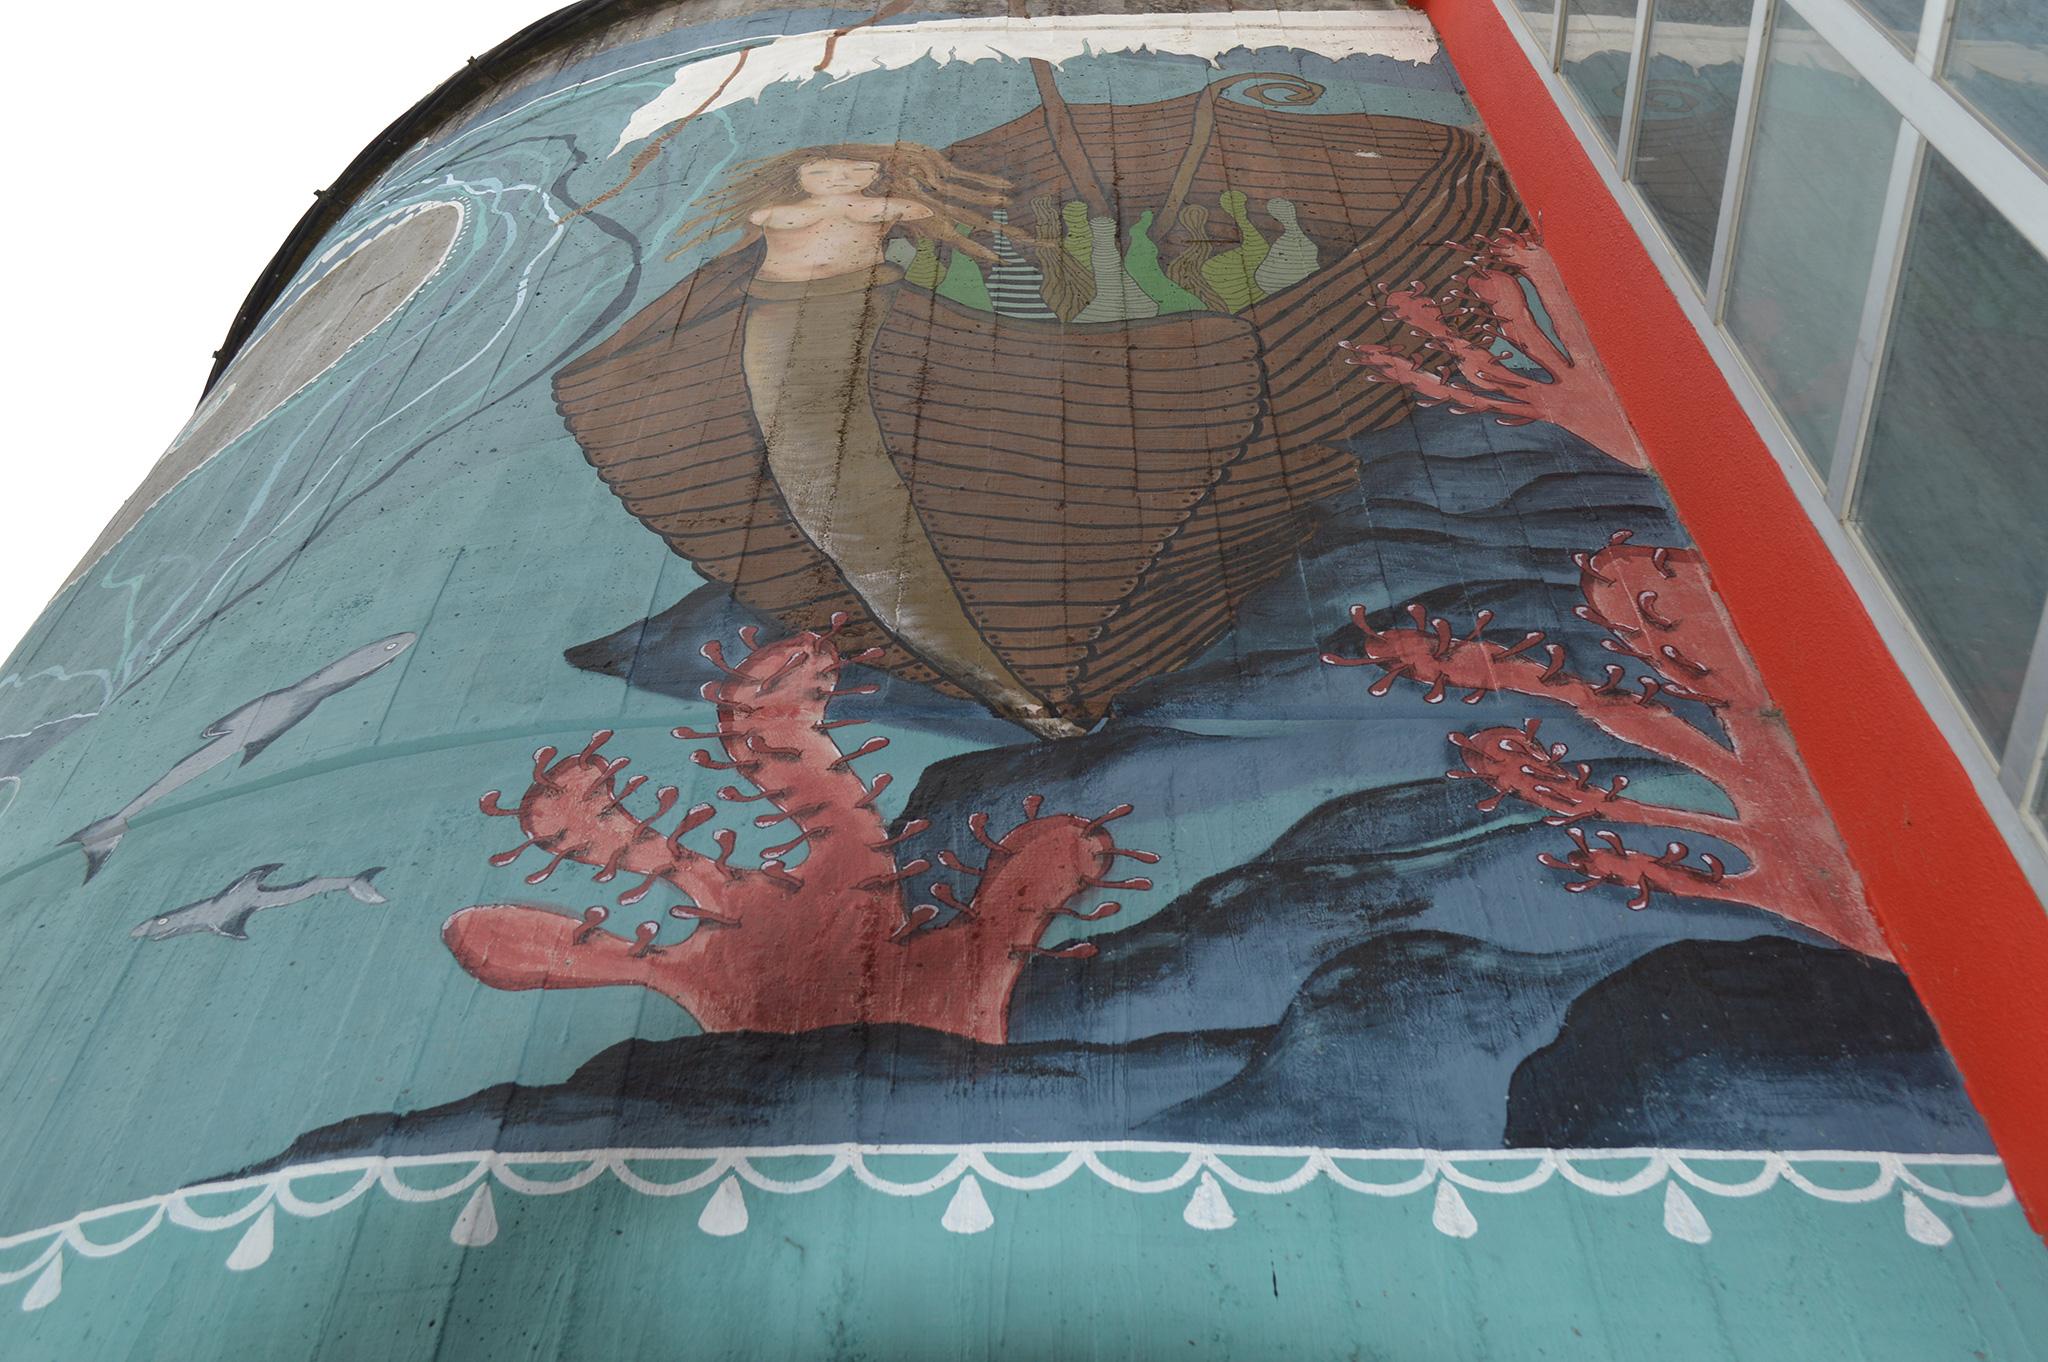 Foto principal mural Historias esquecidas no fondo do mar